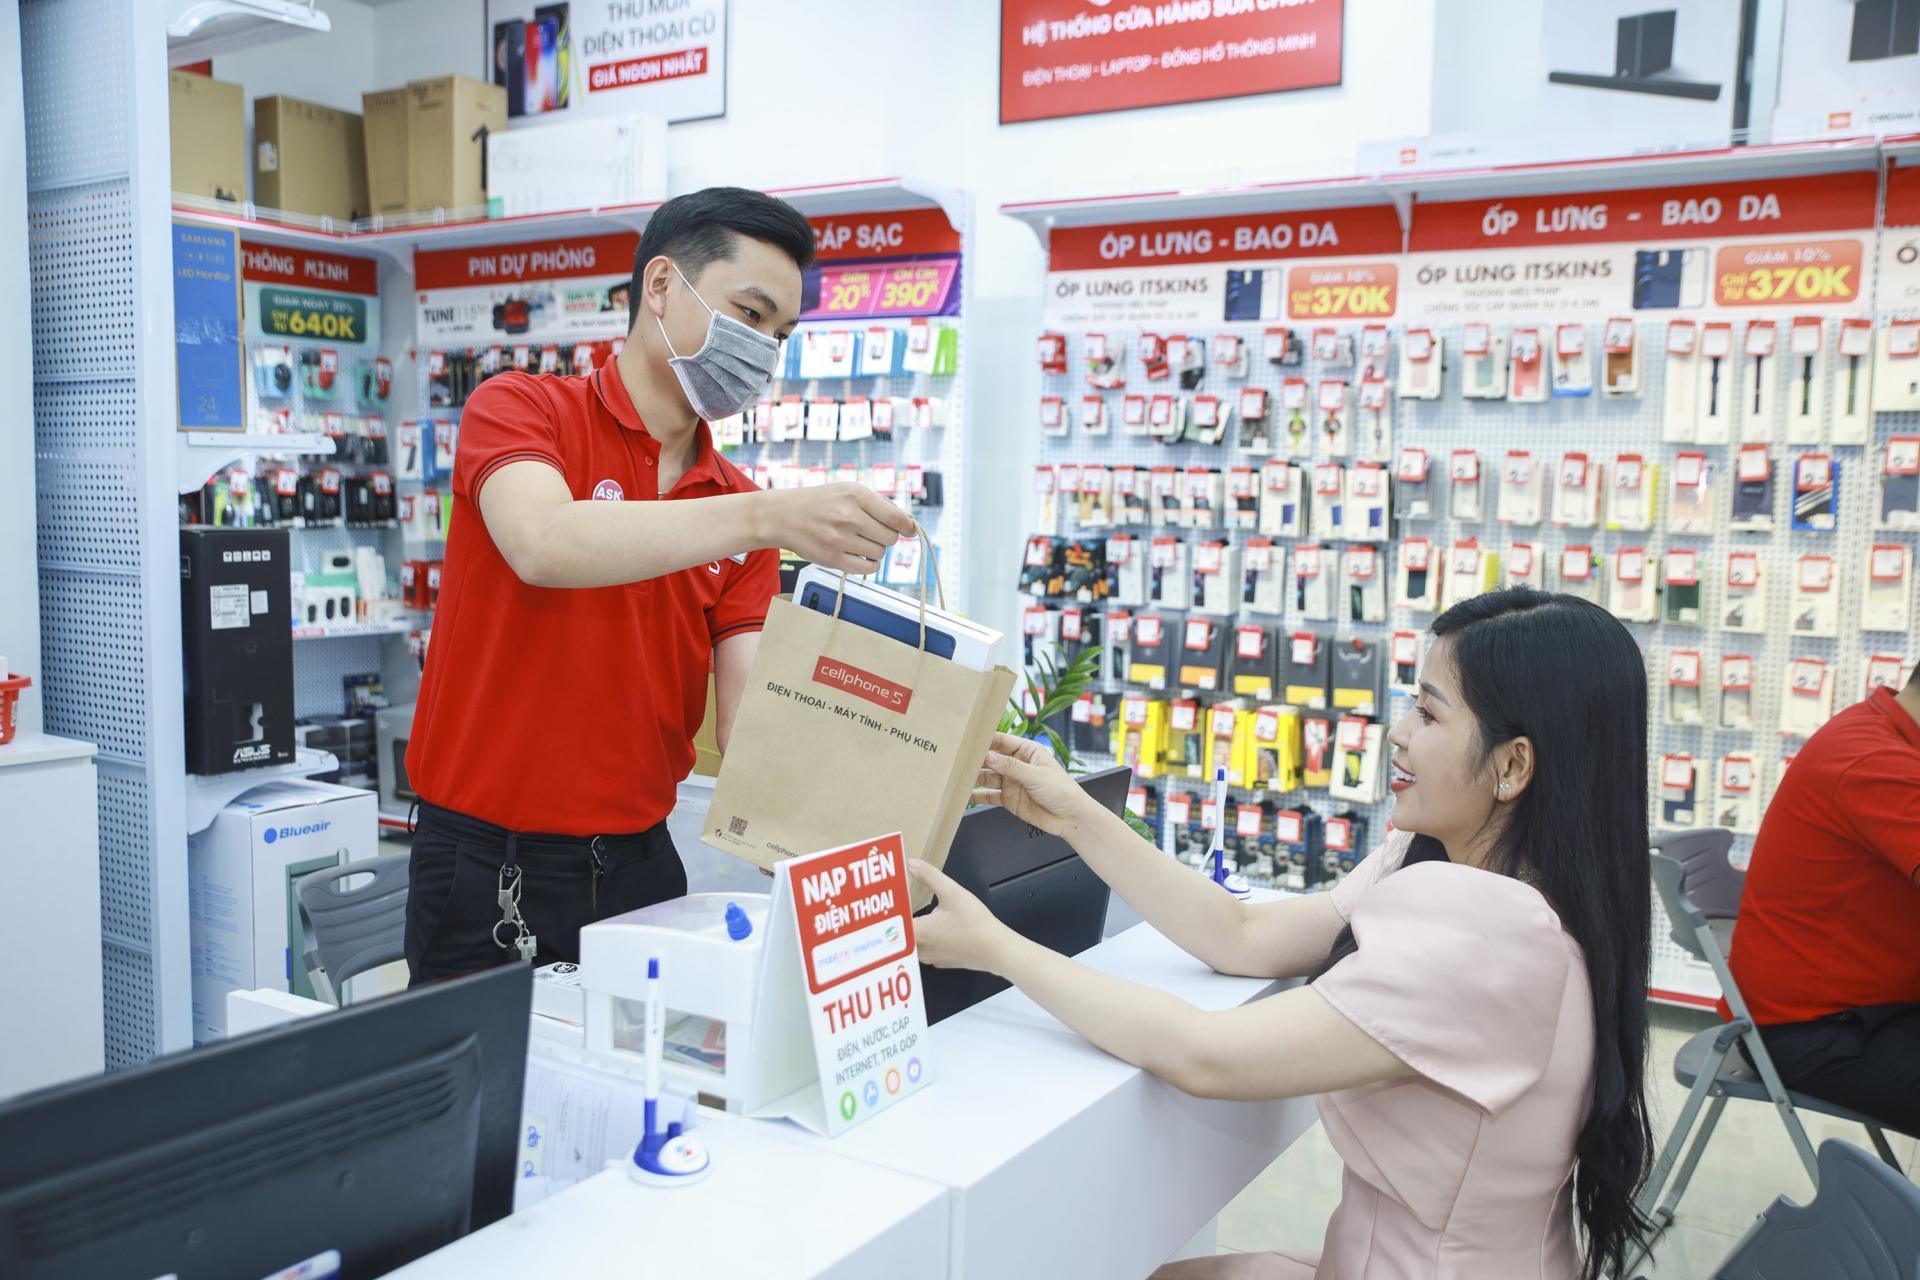 CellphoneS tung chương trình trợ giá mùa dịch, ưu đãi giảm cả triệu đồng